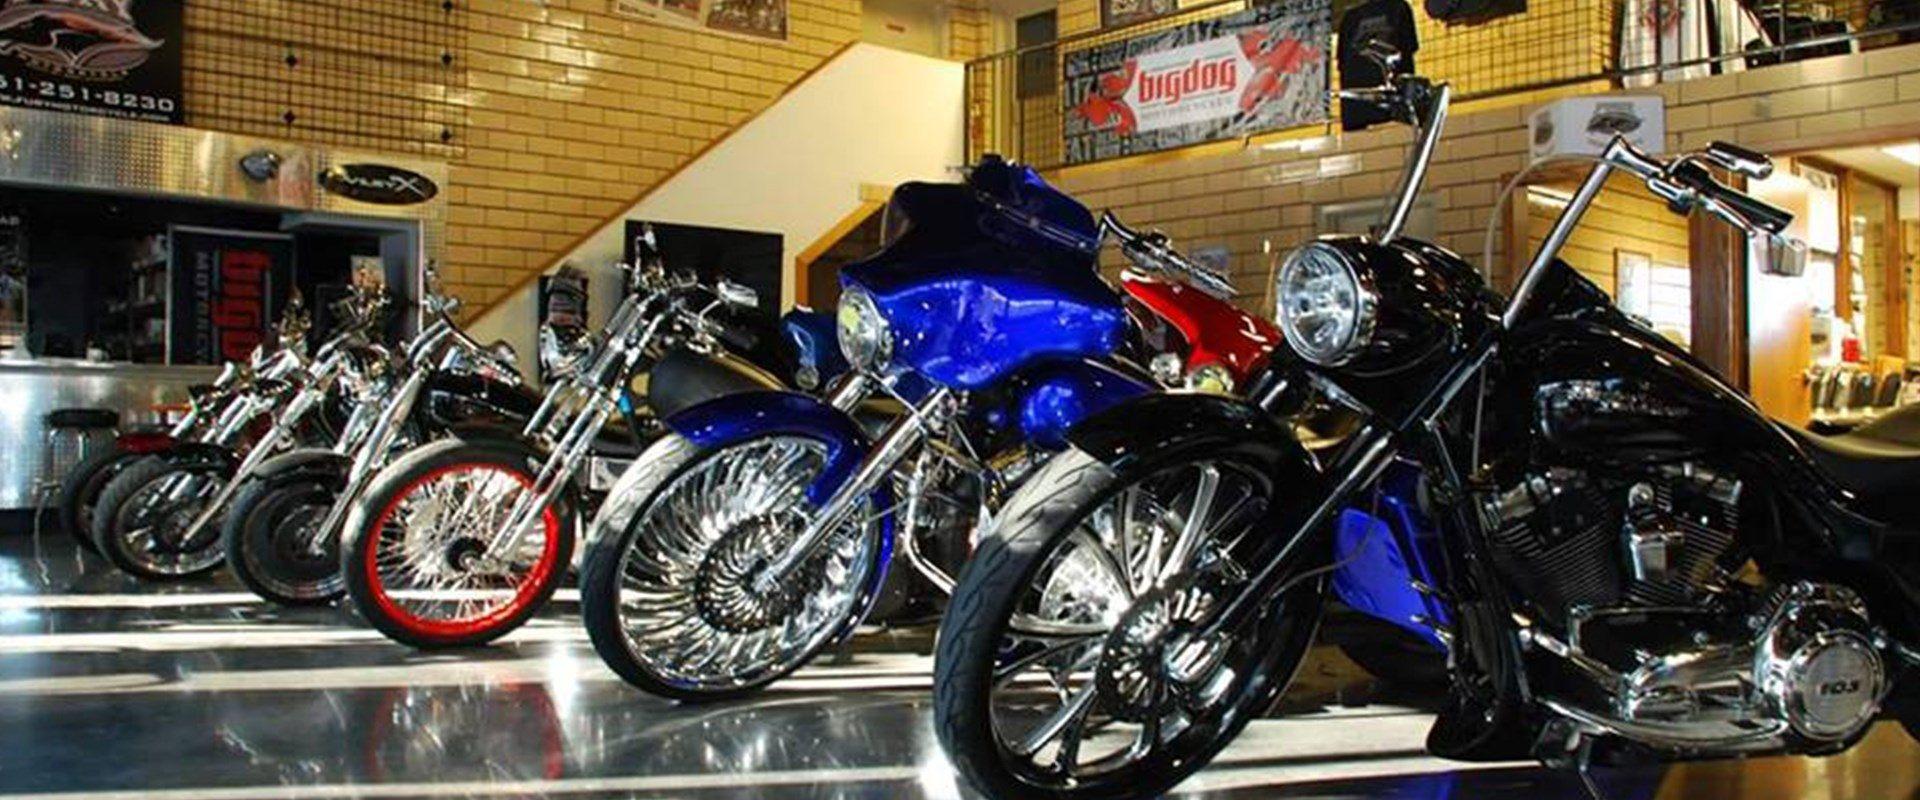 Yamaha big dog harley davidson honda suzuki dealer mn for Yamaha dealers mn